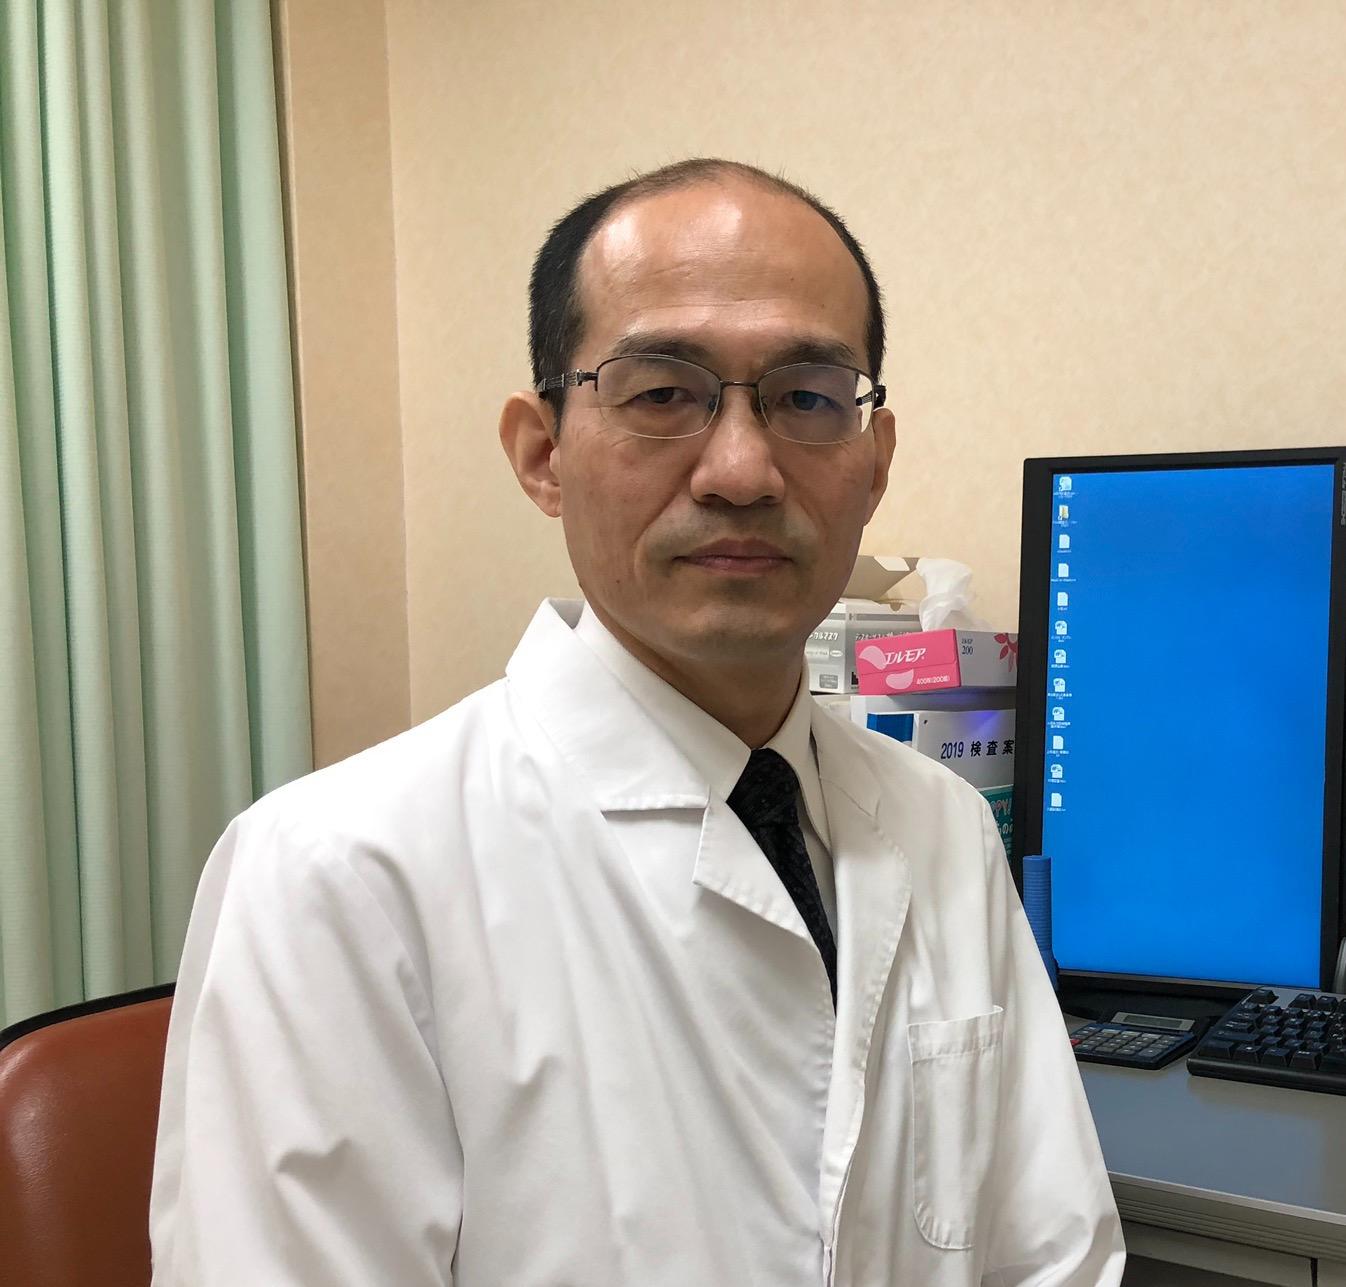 和田医師(金井病院)